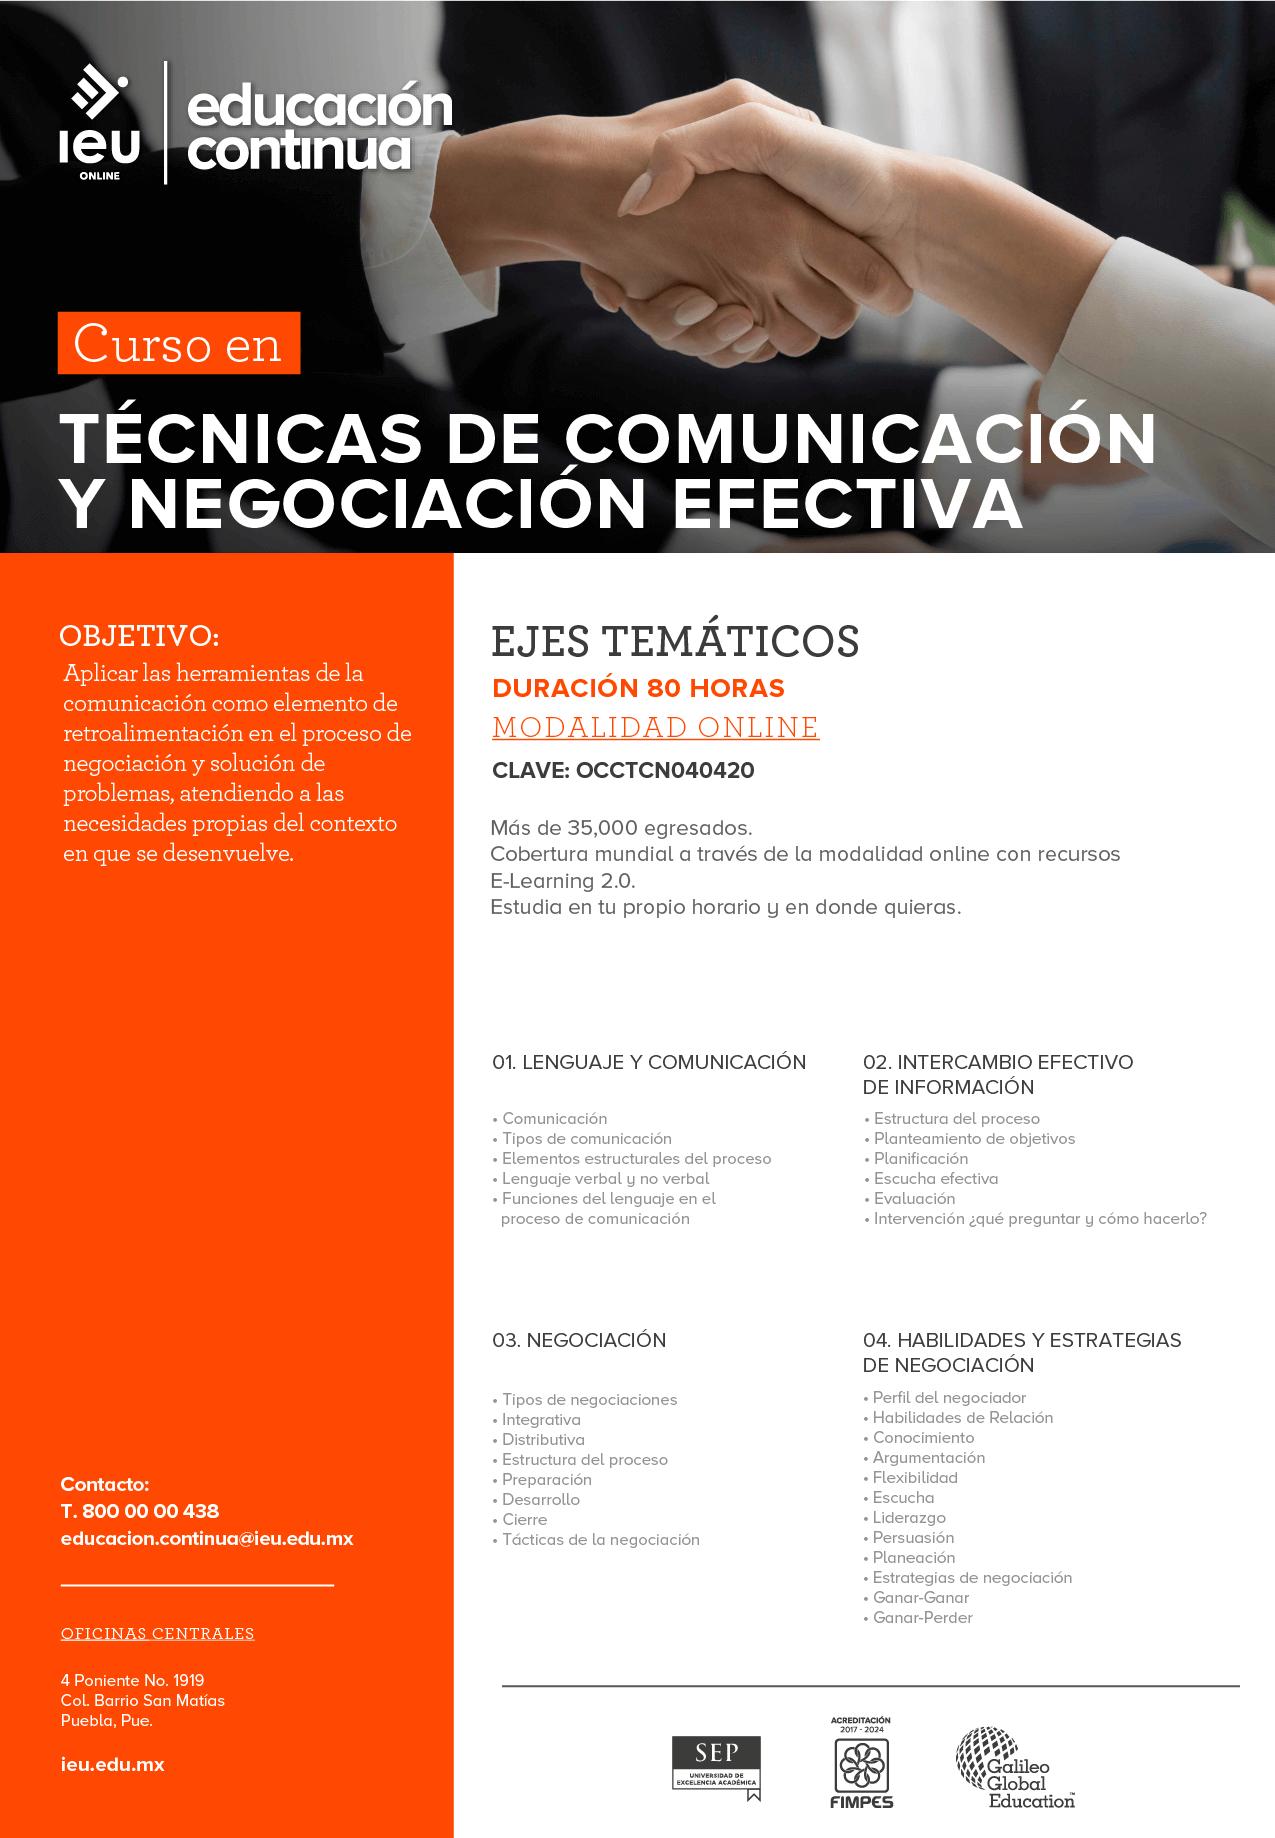 Técnicas de comunicación y negociación efectiva